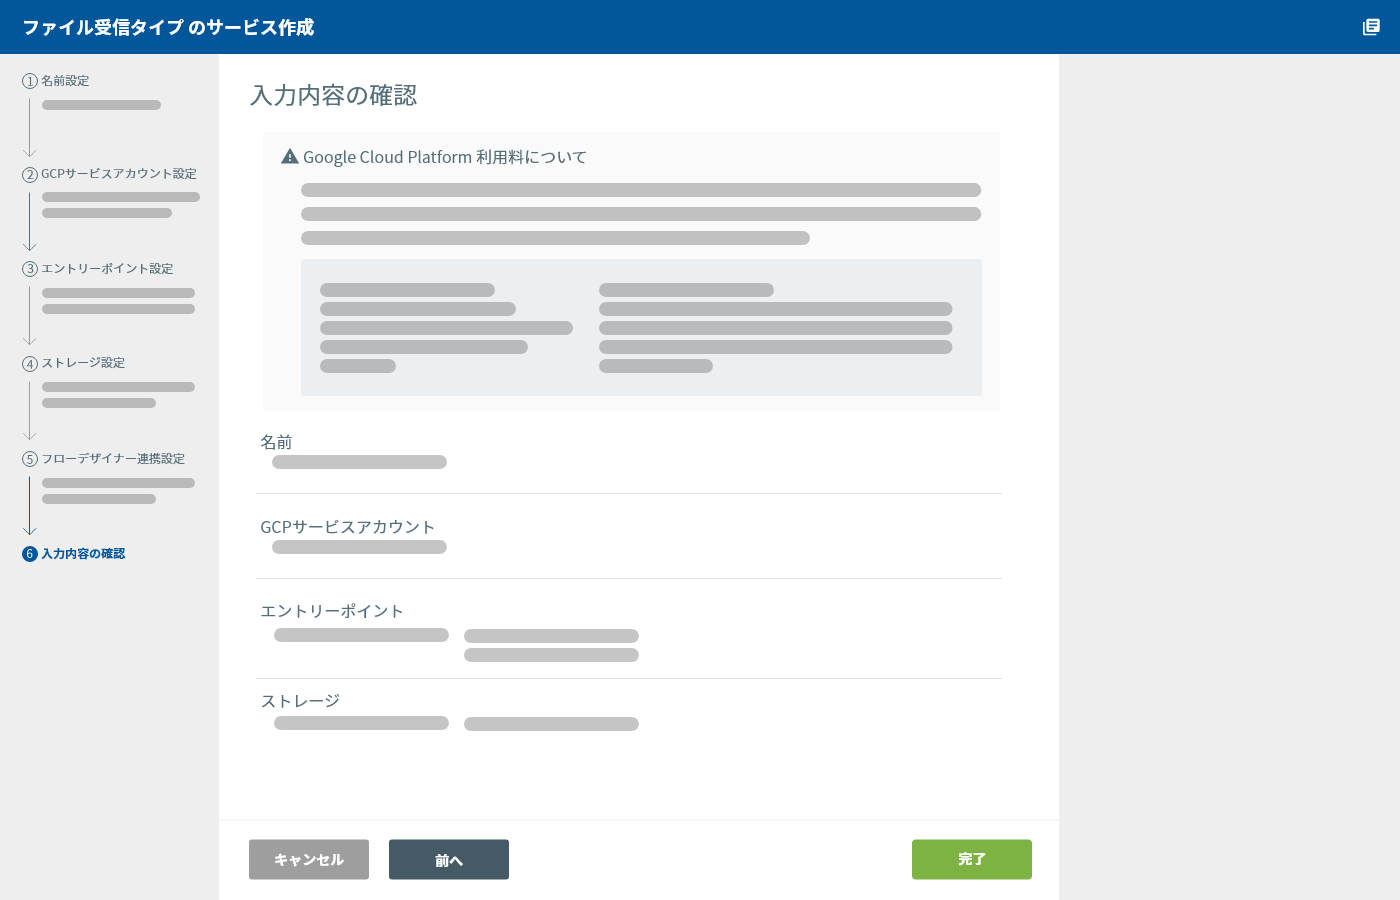 データバケット(ファイル受信)入力内容の確認